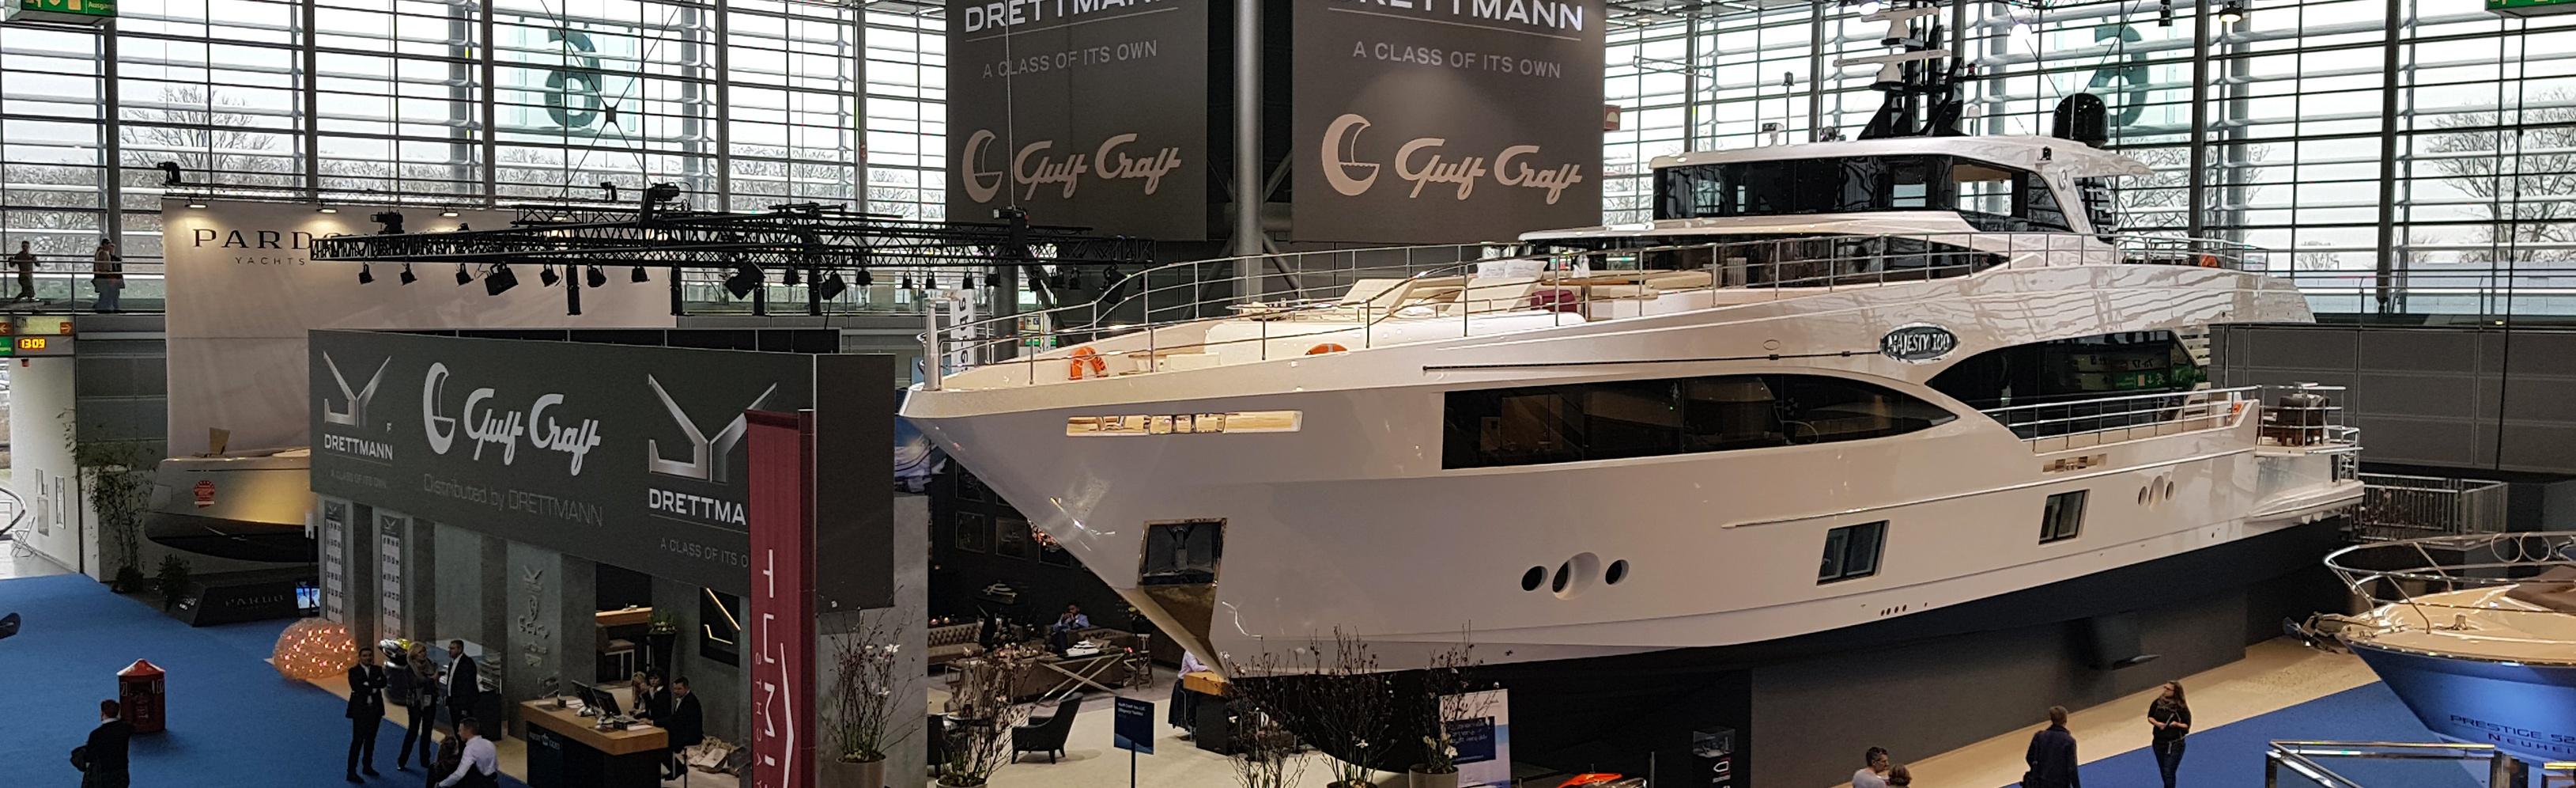 Gulf-Craft,-Dusseldorf-Boat-Show-2018